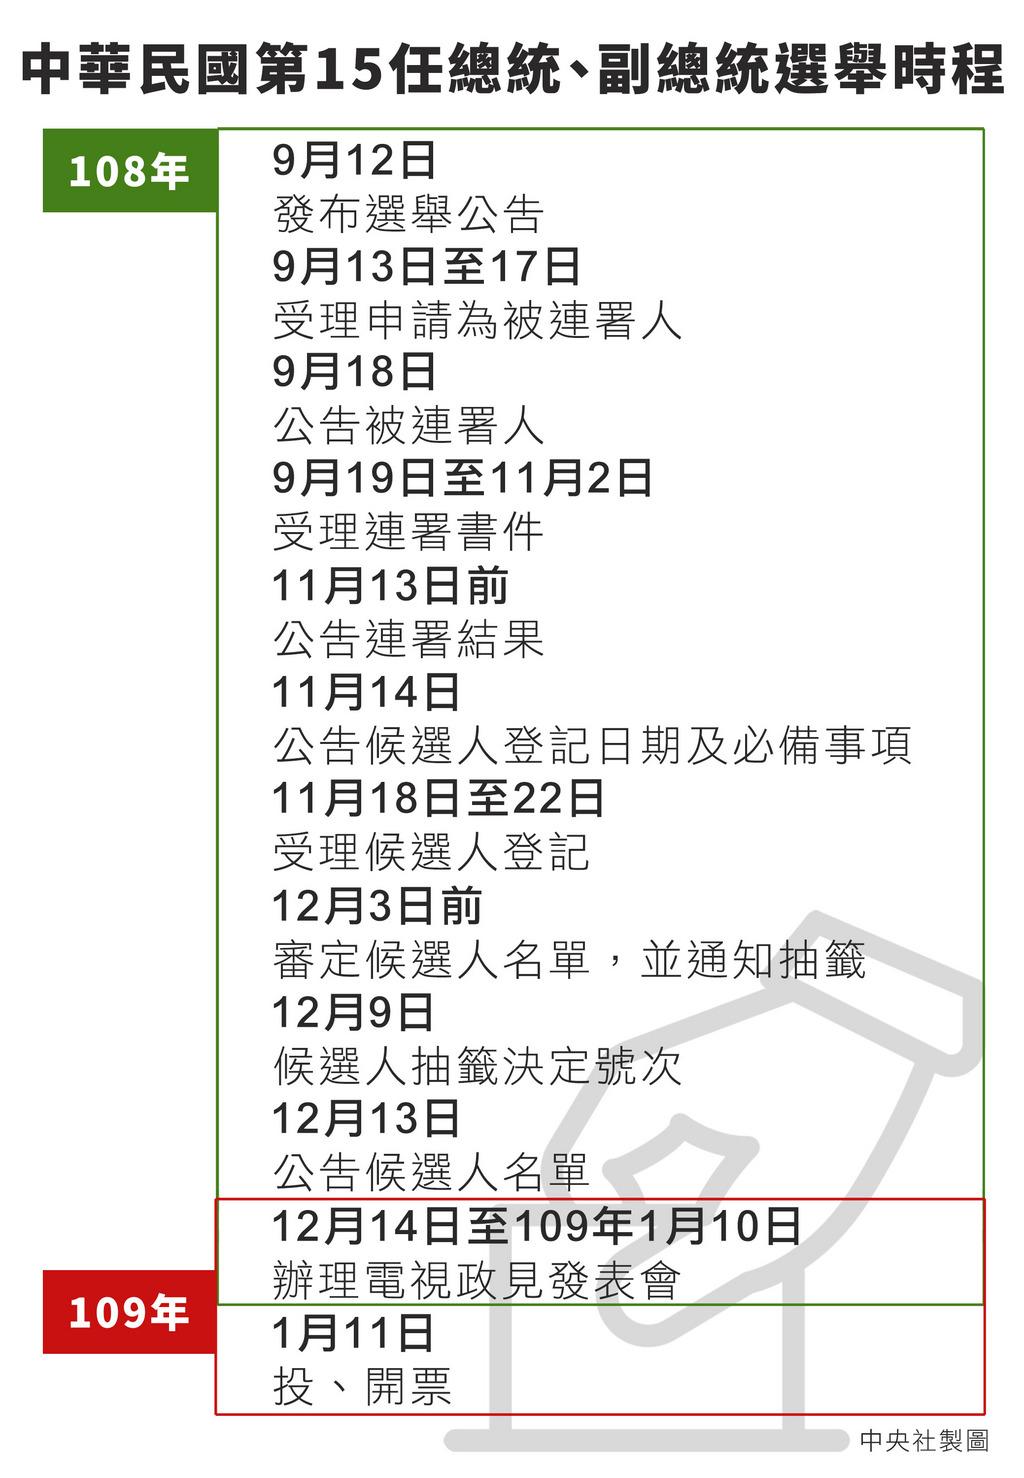 中華民國第15任總統、副總統選舉公告12日正式發布,也象徵總統大選正式起跑,民國109年1月11日將進行關鍵投、開票作業。中央社製表 108年9月12日